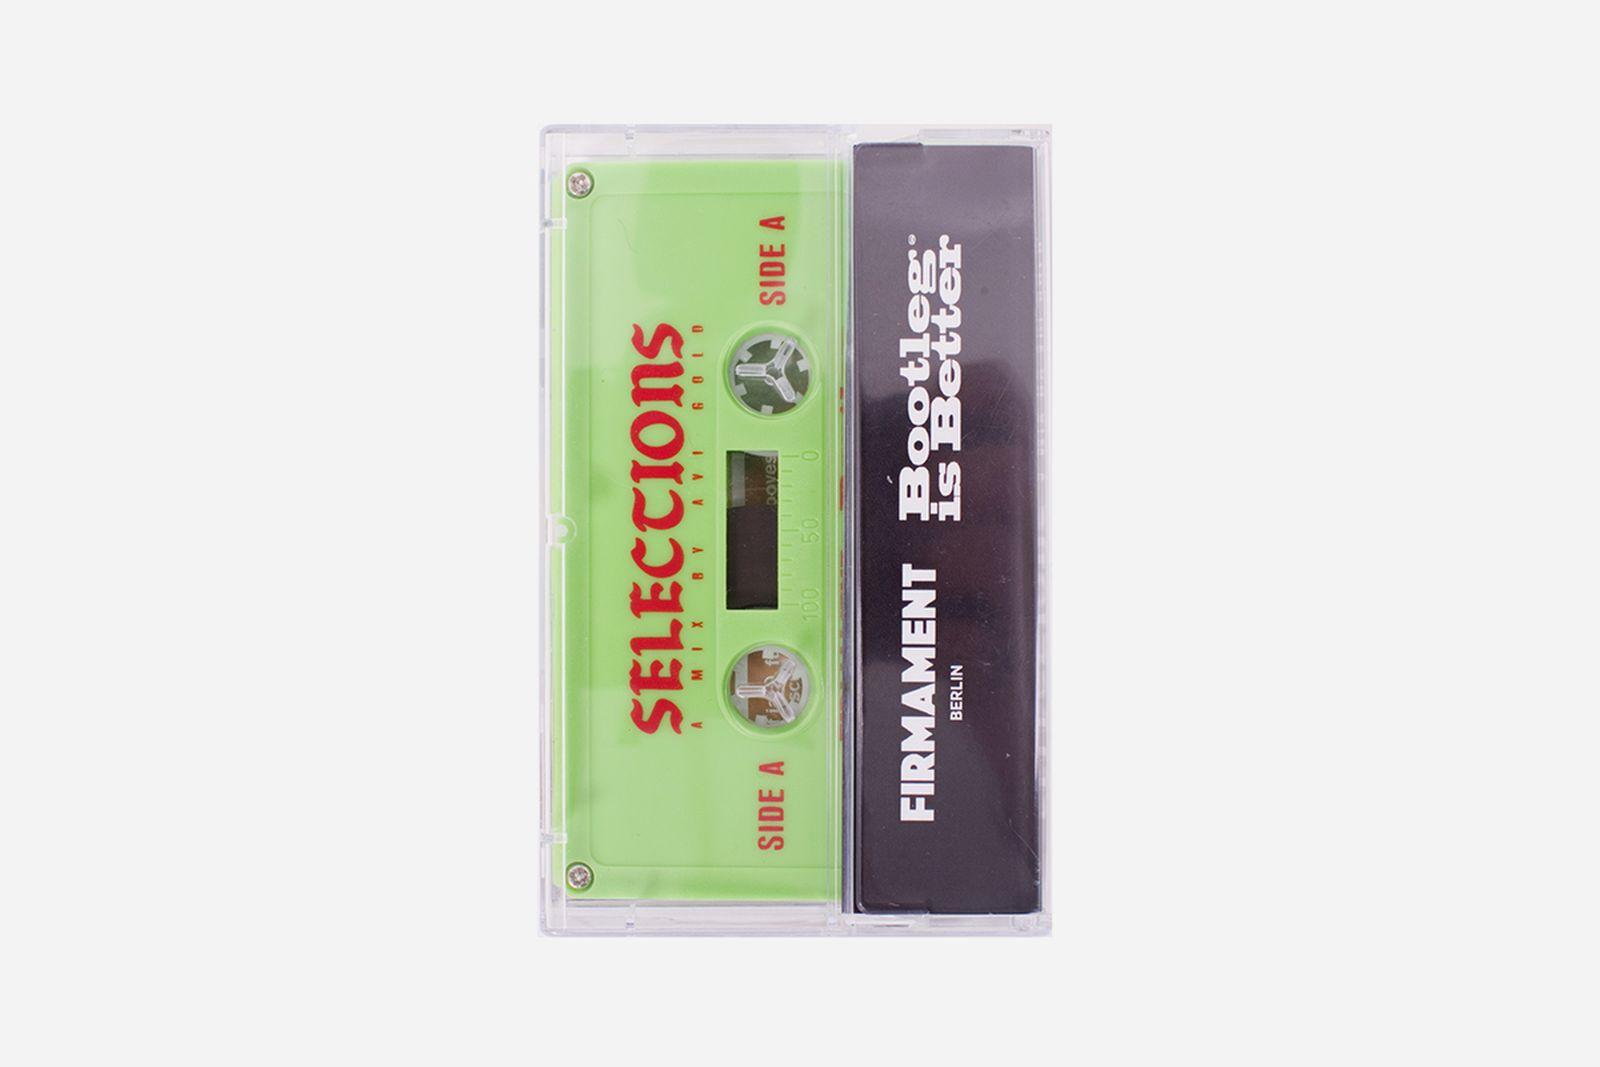 bootleg is better firmament avi gold selections cassette tape ace hotel berlin